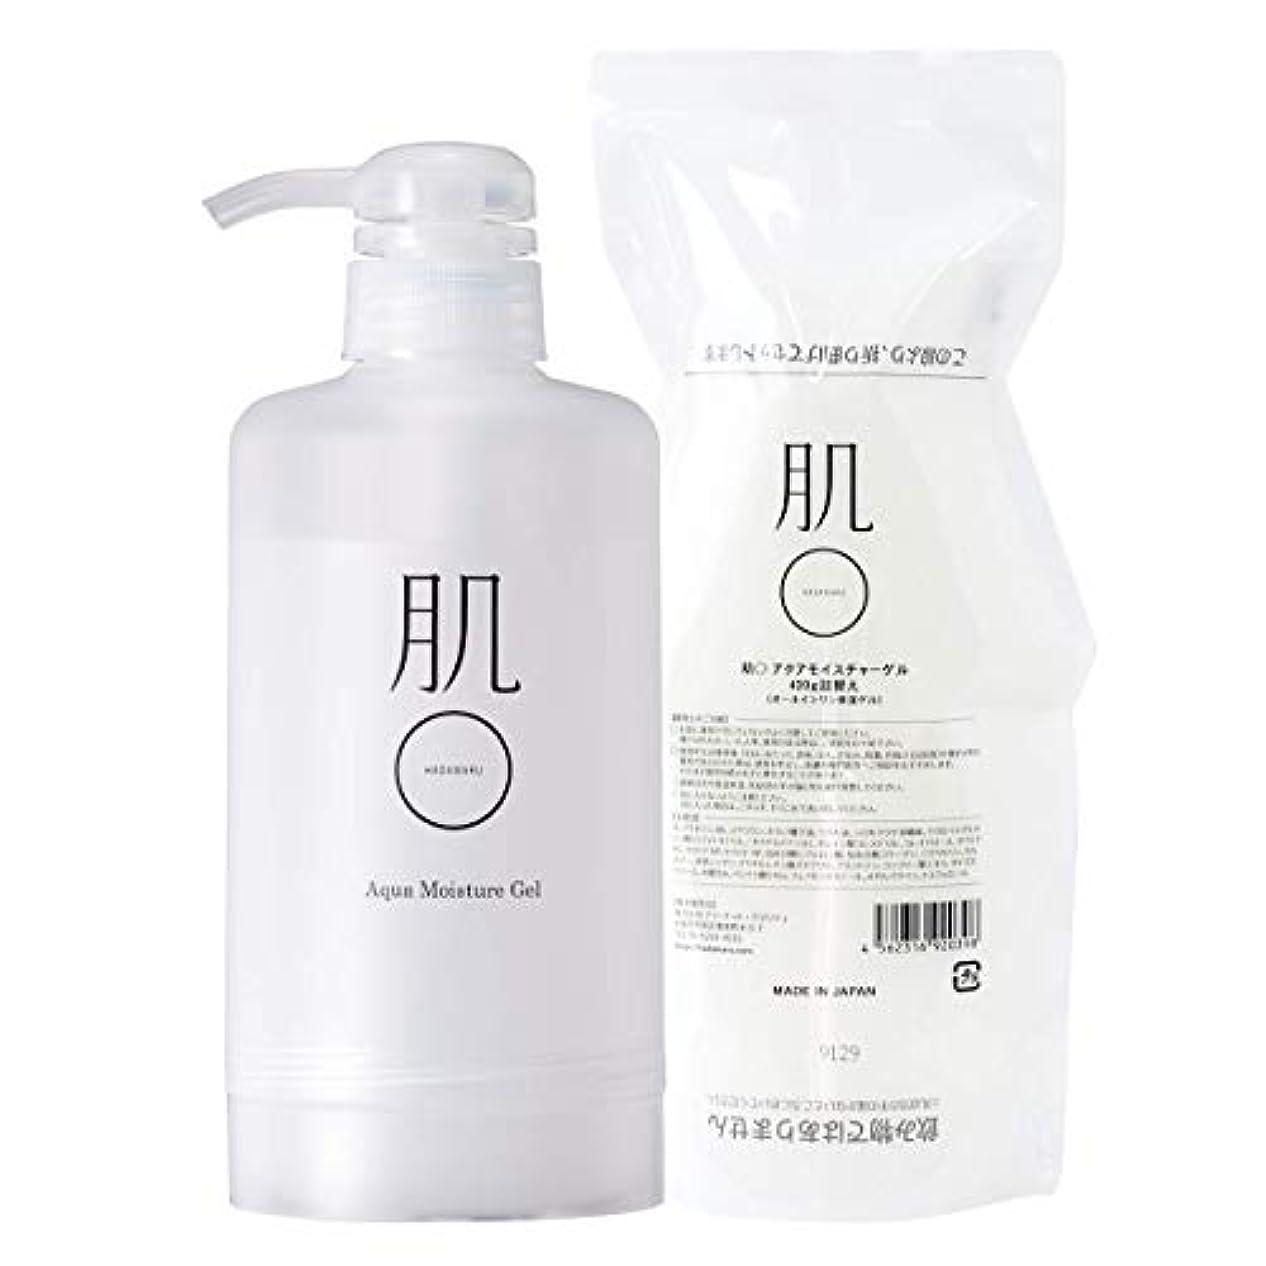 選択魅惑するオーク【Renewal】肌まる アクアモイスチャーゲル420g専用ポンプセット (NET420g)